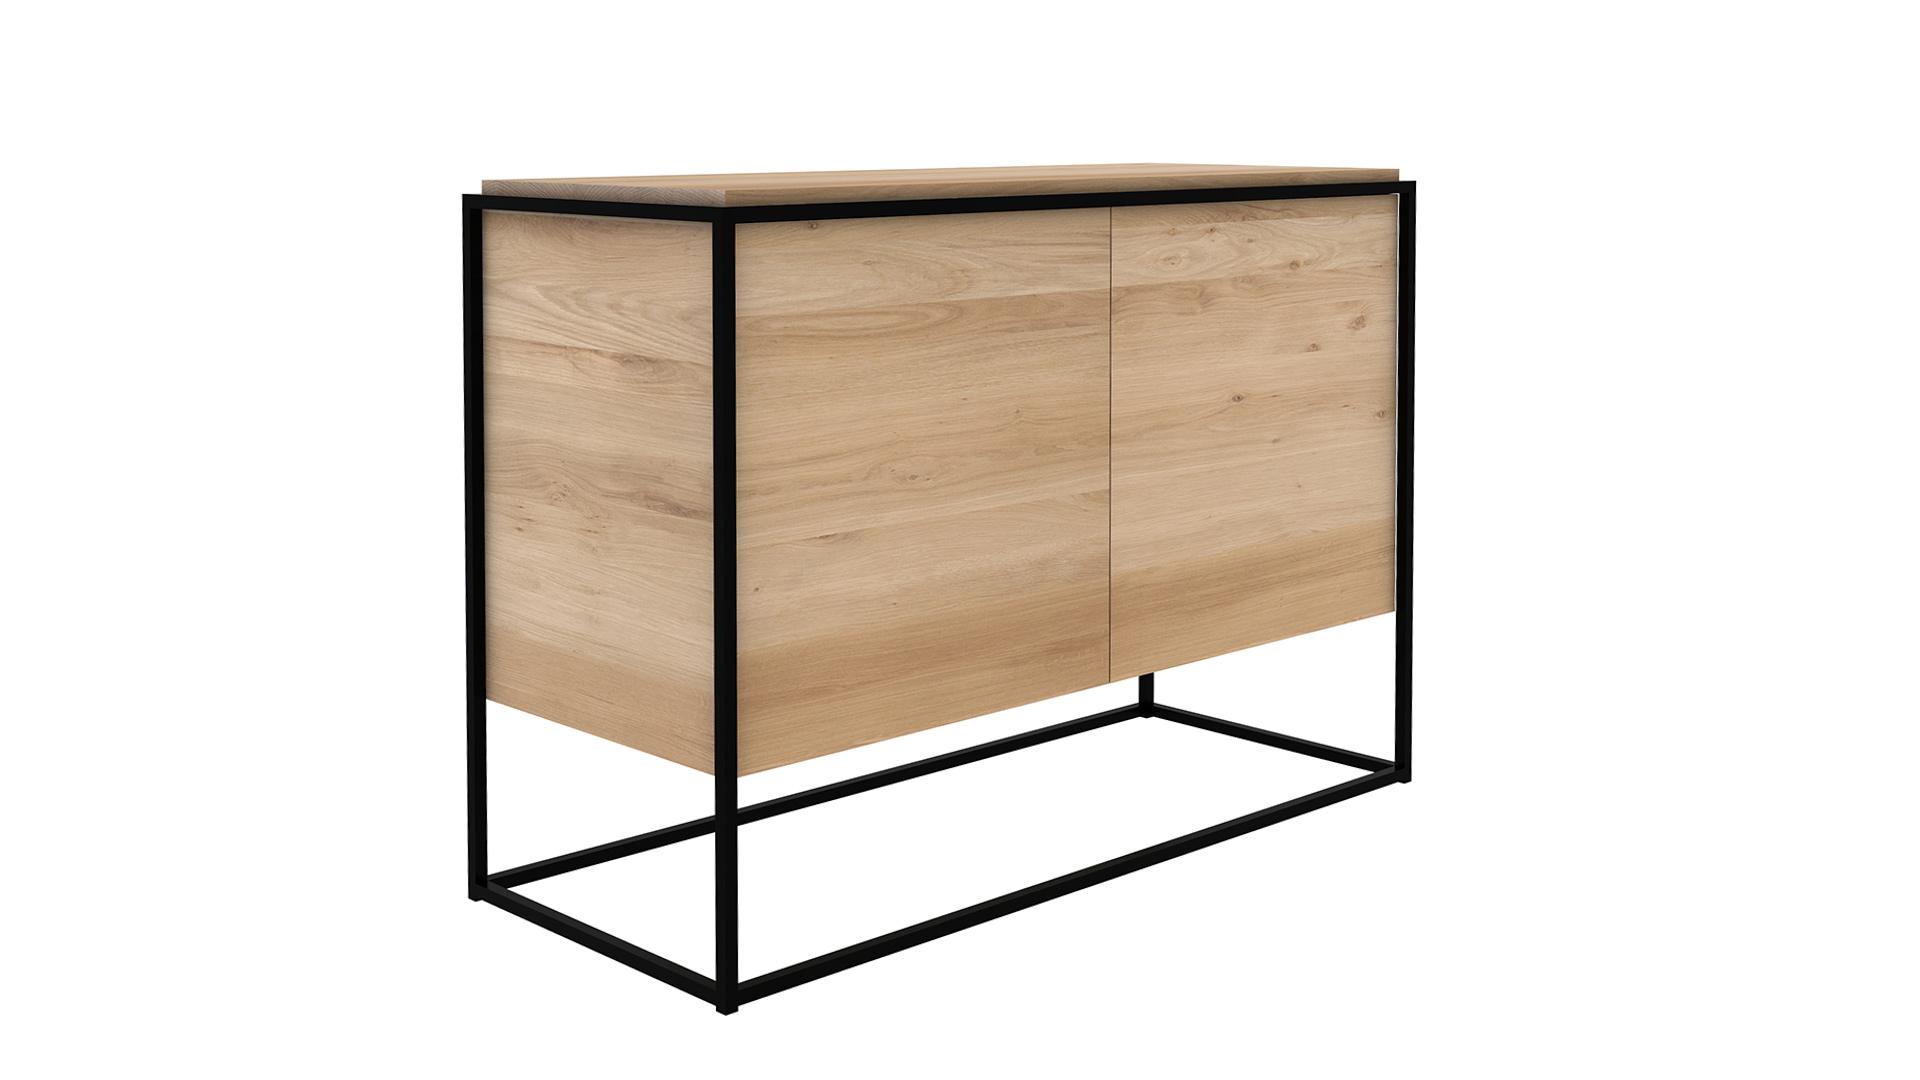 Ethnicraft-Monolit-cupboard-Natural Oak-black-frame